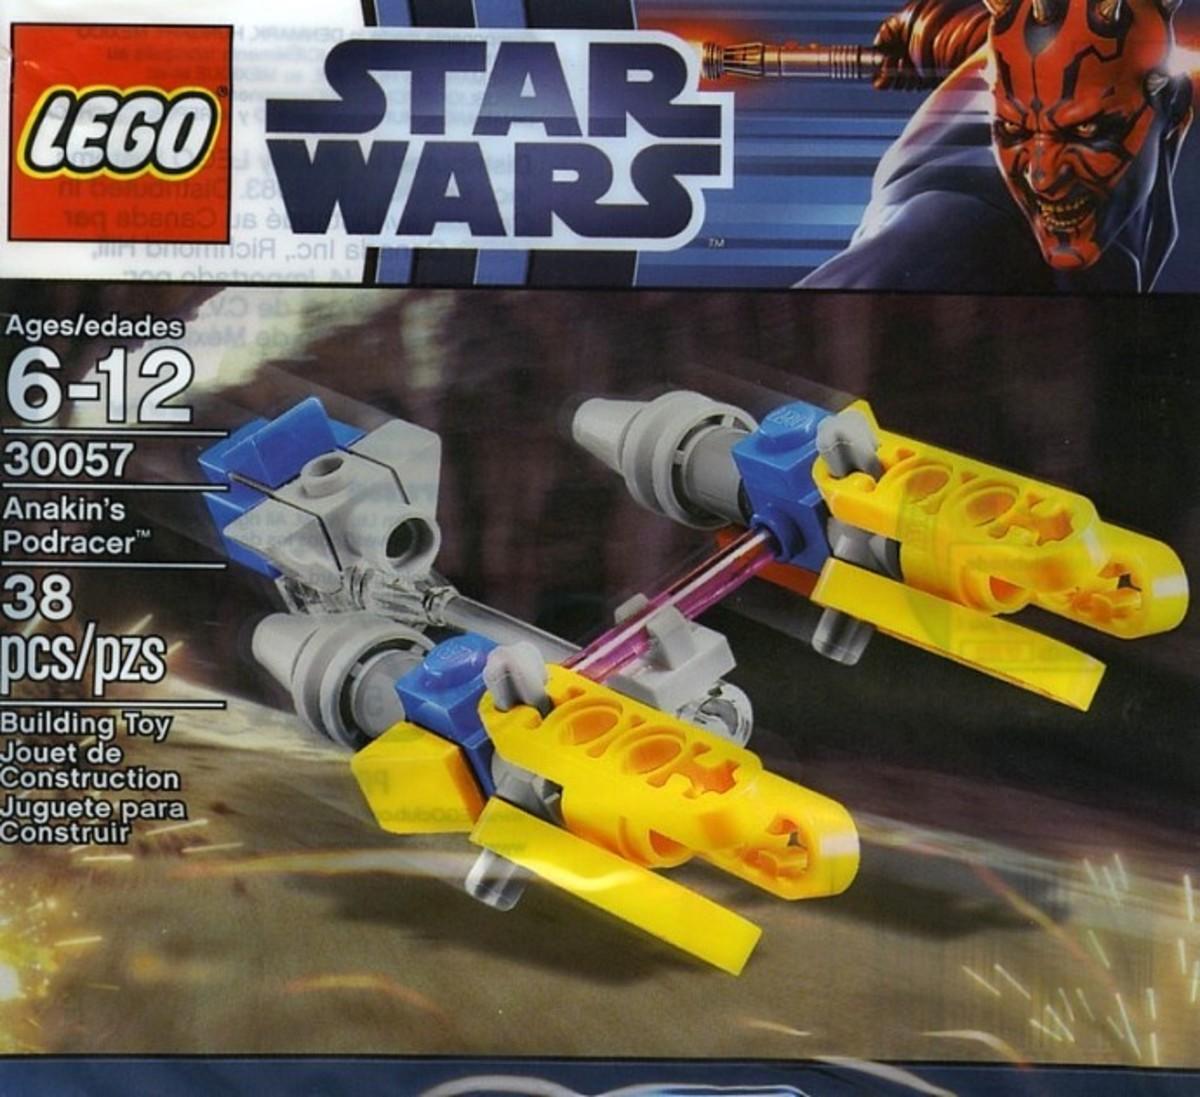 LEGO Star Wars Anakin's Pod Racer 30057 Bag